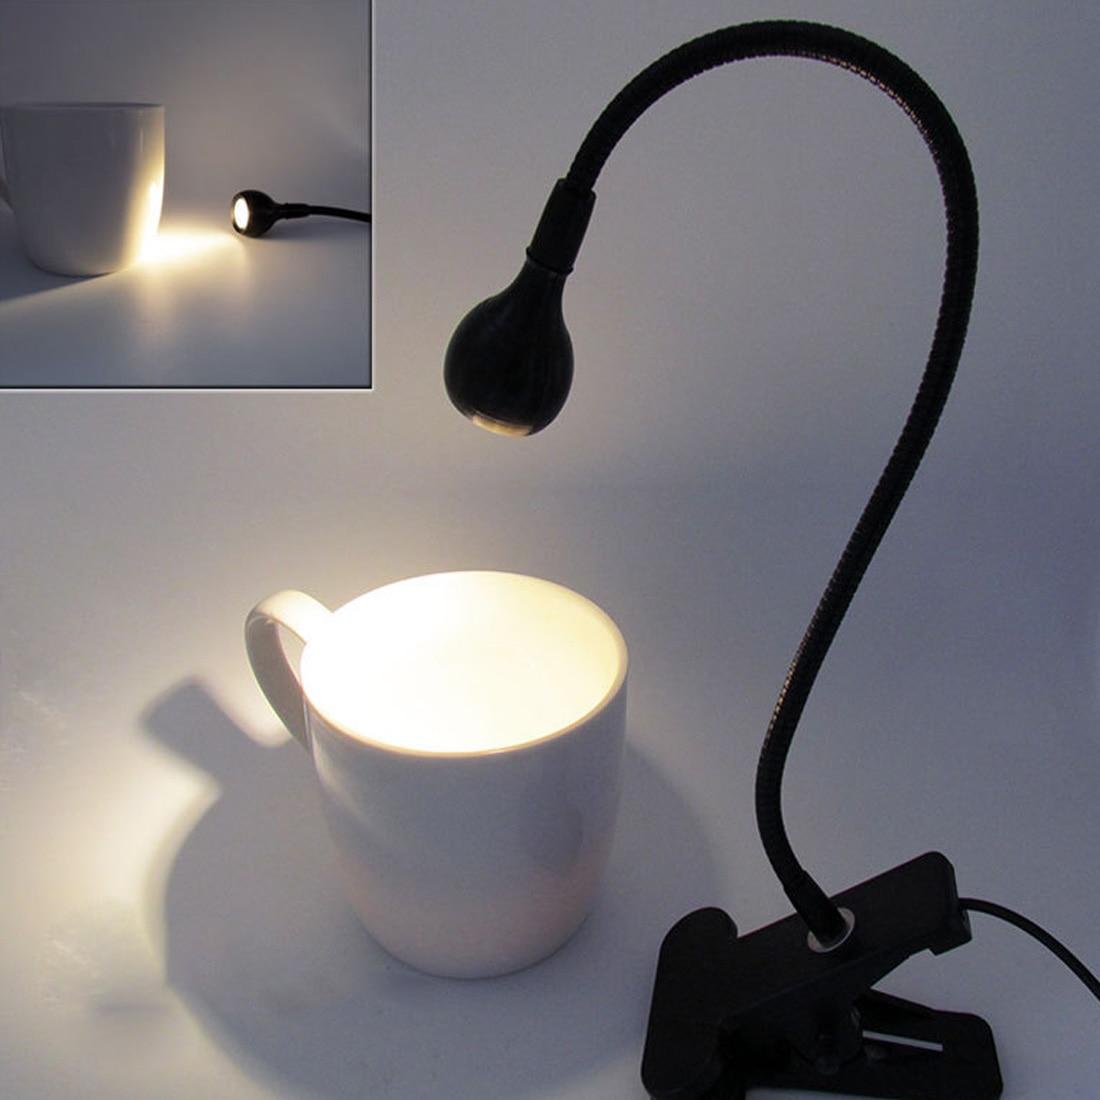 Hot USB Fan Flexible LED Light Desk Lamp With Clip for Laptop PC Computer Black Gadgets Low Power Consumption